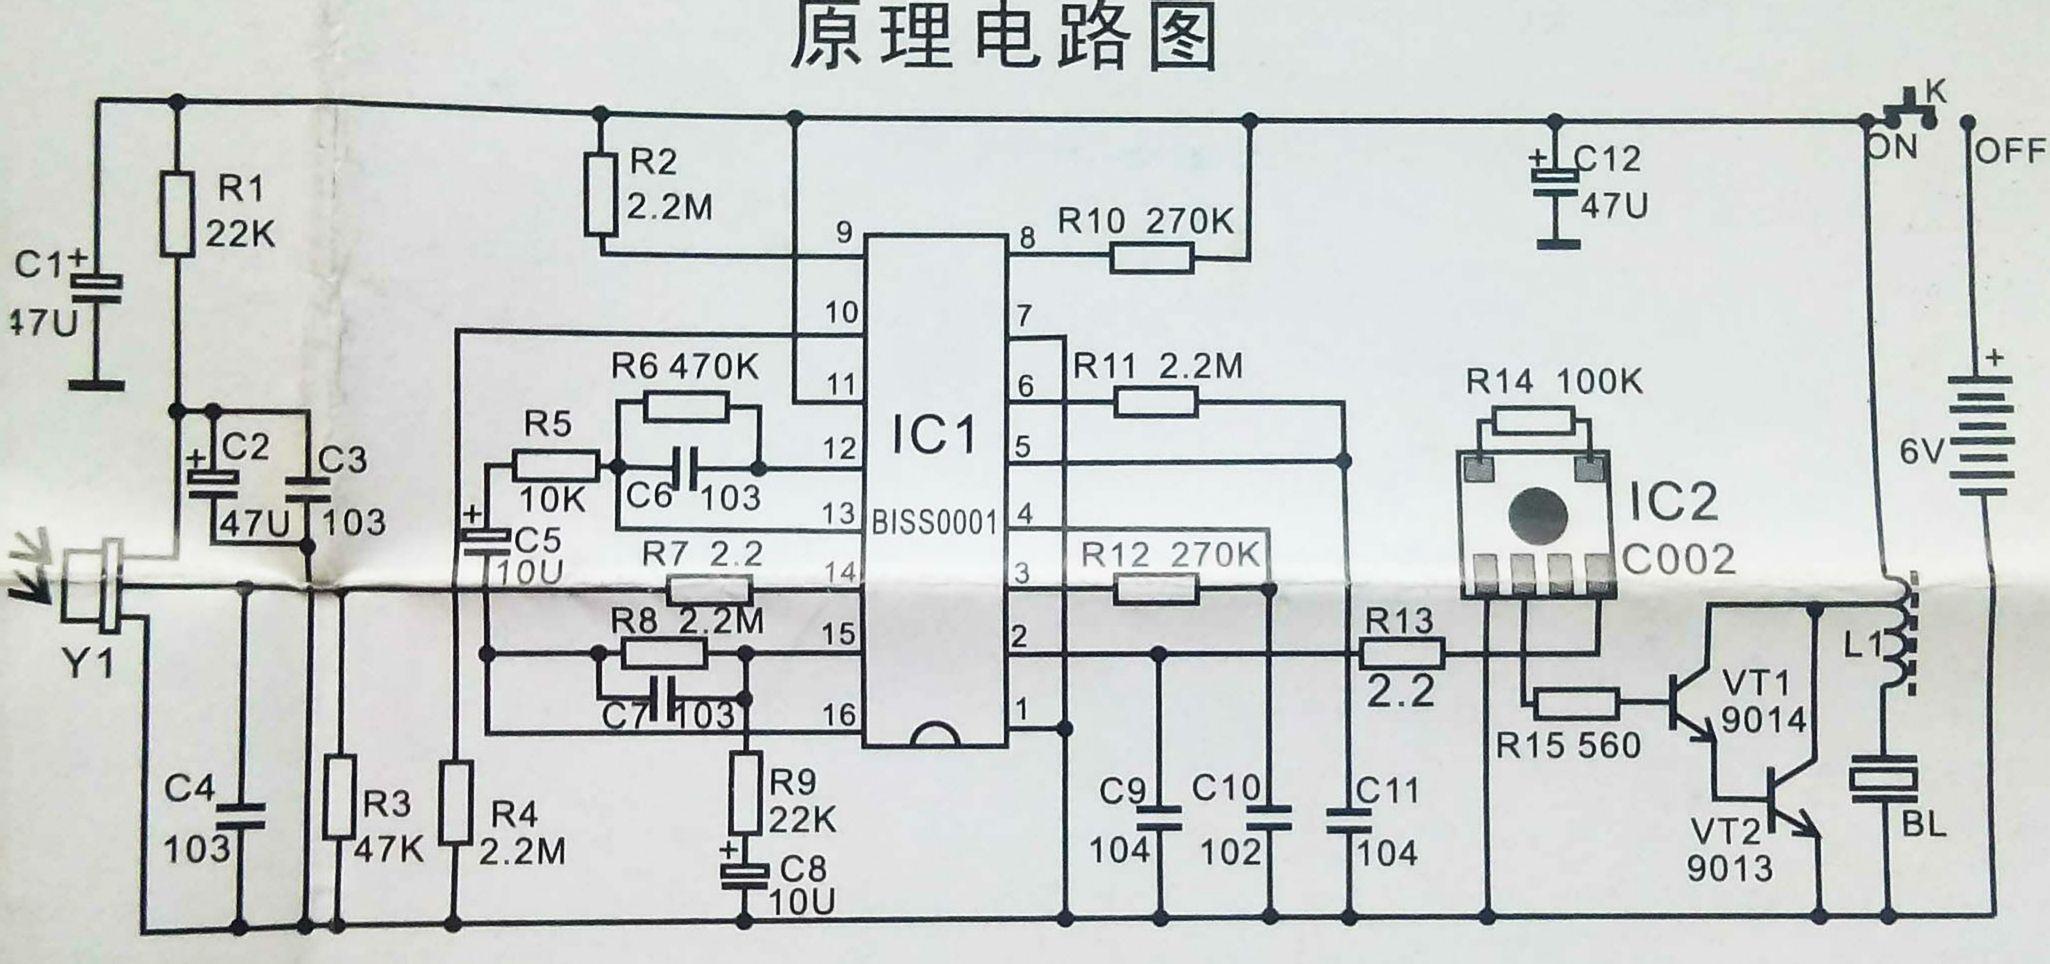 ic1及外围的电阻,电容组成的电路对信号进行放大,整形,延迟等处理,从2